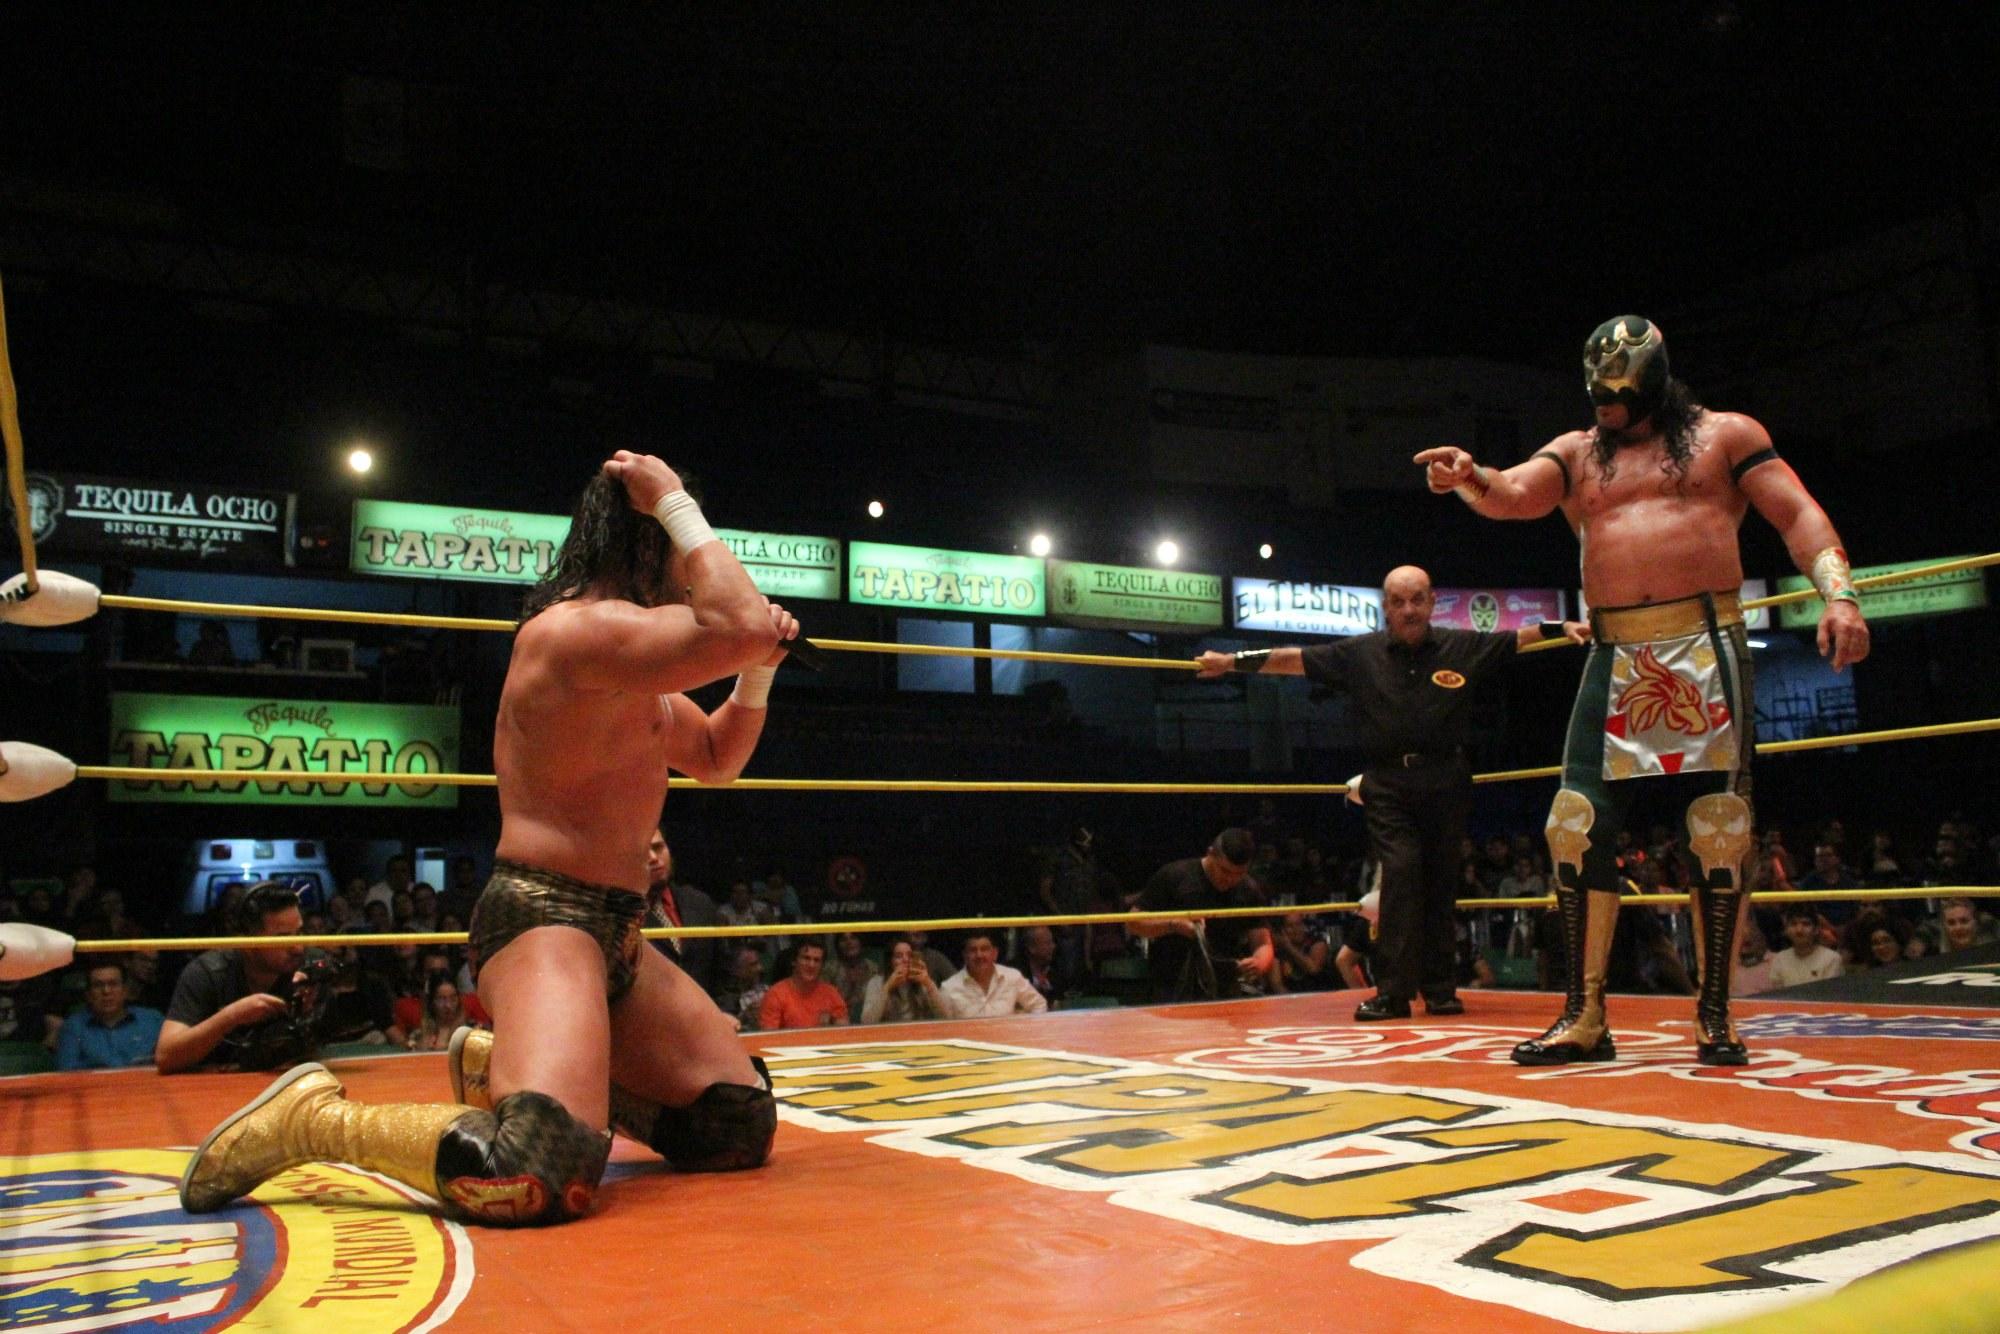 Una mirada semanal al CMLL (del 31 oct al 6 nov de 2019) 15